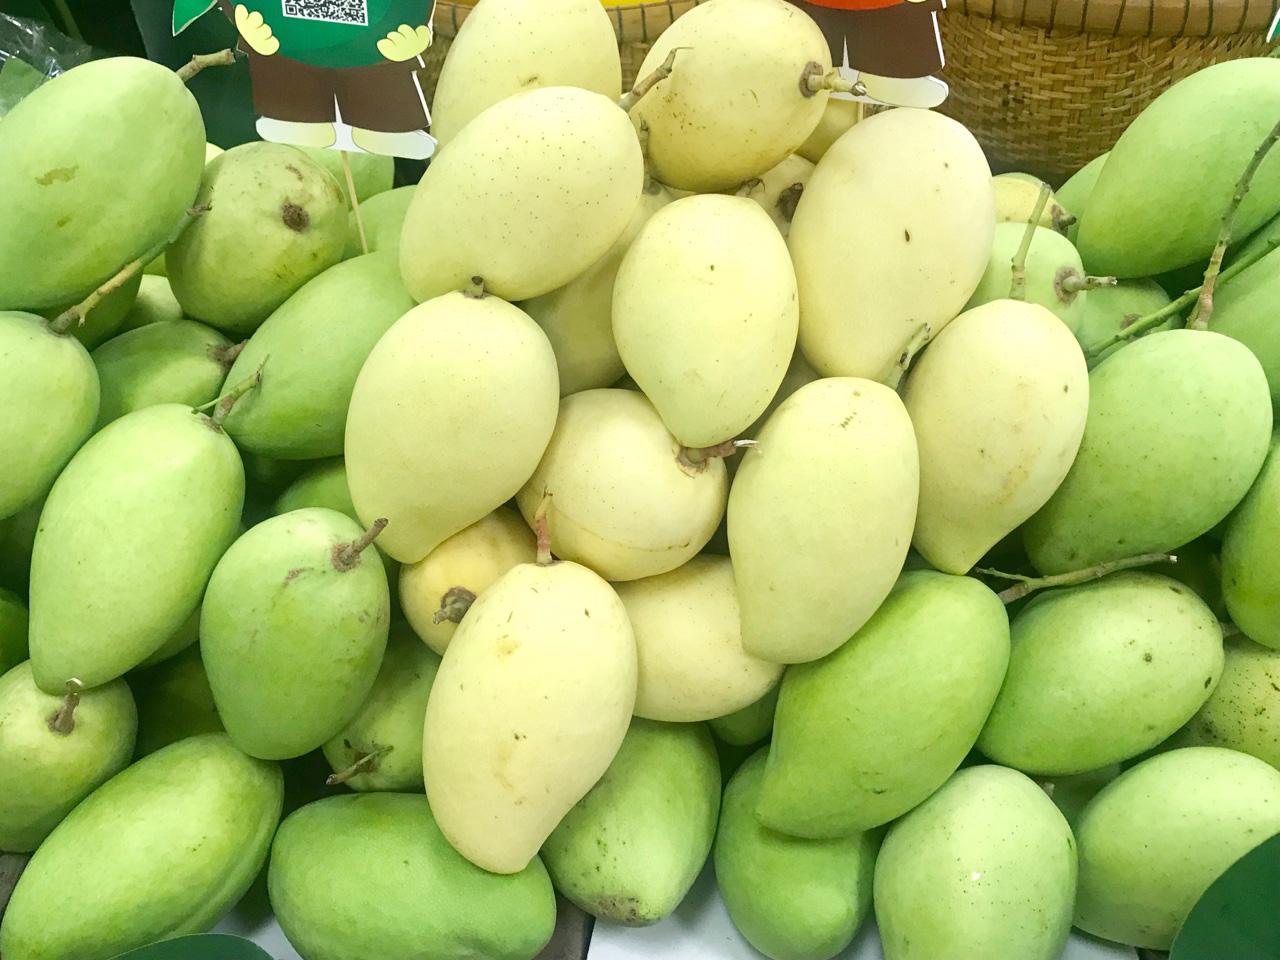 Xuất khẩu rau quả không thể trông chờ vào việc mở cửa trở lại từ thị trường Trung Quốc  - Ảnh 1.